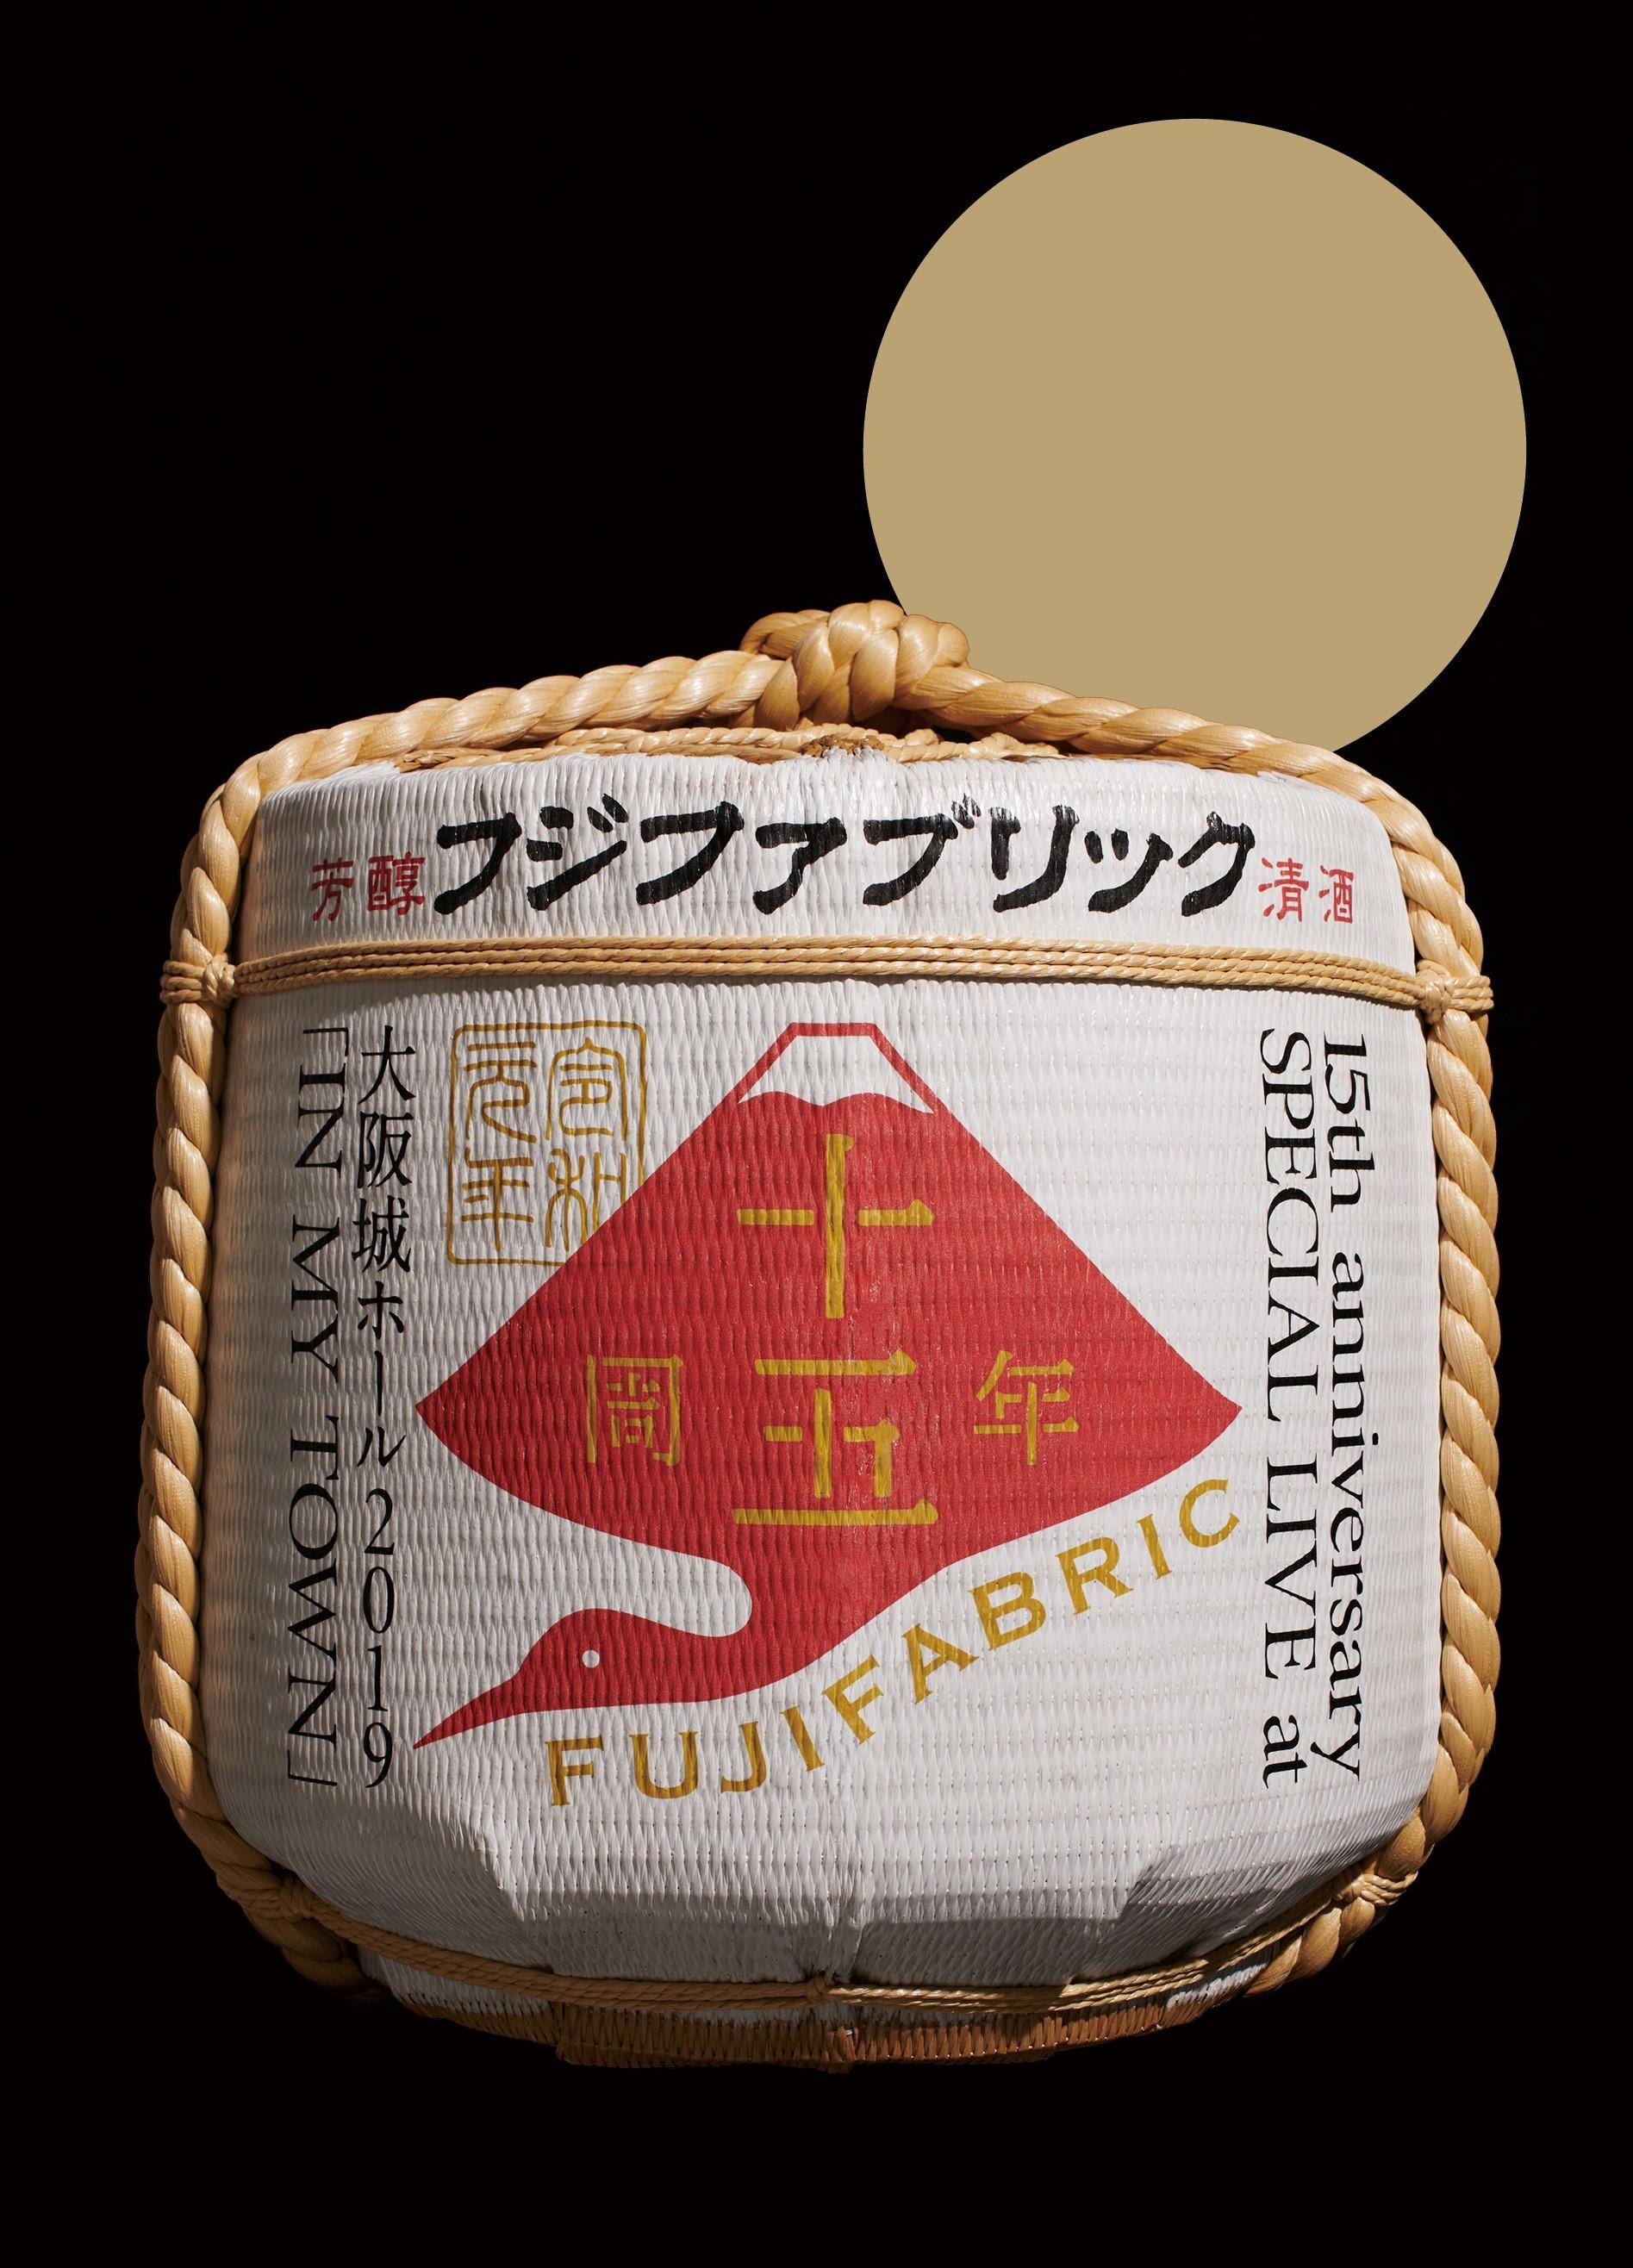 『フジファブリック 15th anniversary SPECIAL LIVE at 大阪城ホール2019 「IN MY TOWN」』